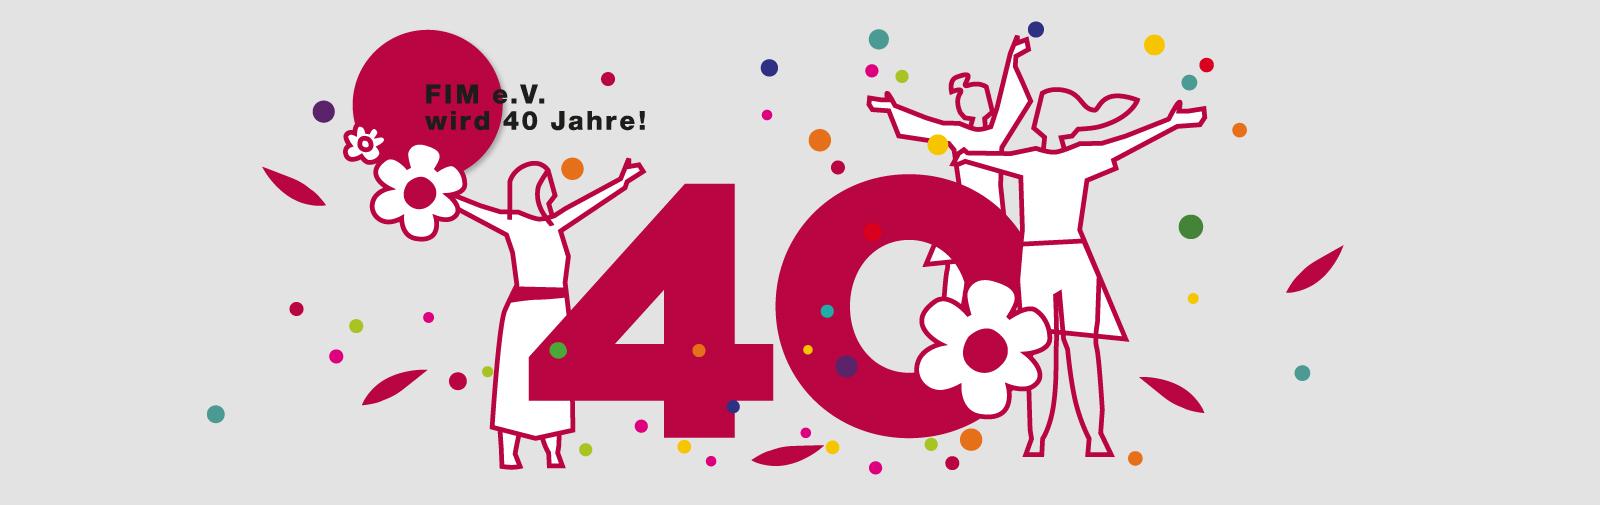 40 Jahre FIM